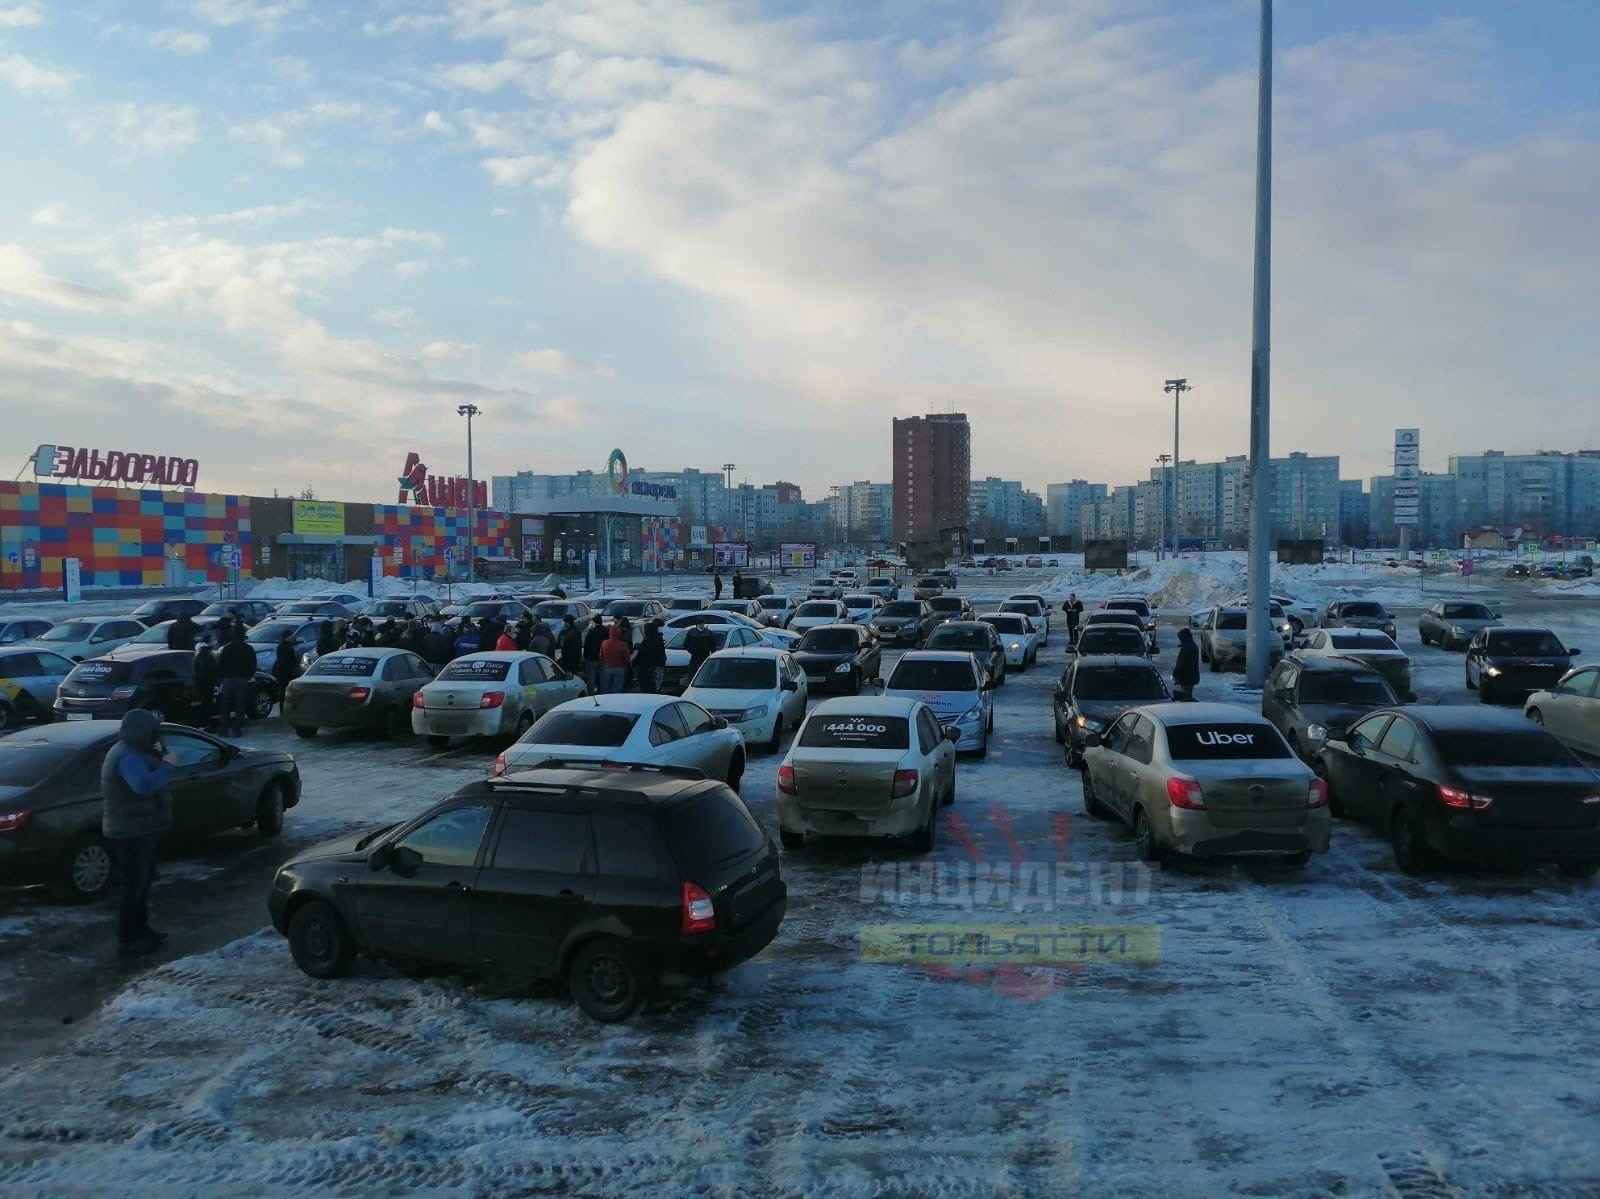 Забастовка таксистов в Тольятти. Мнения и комментарии